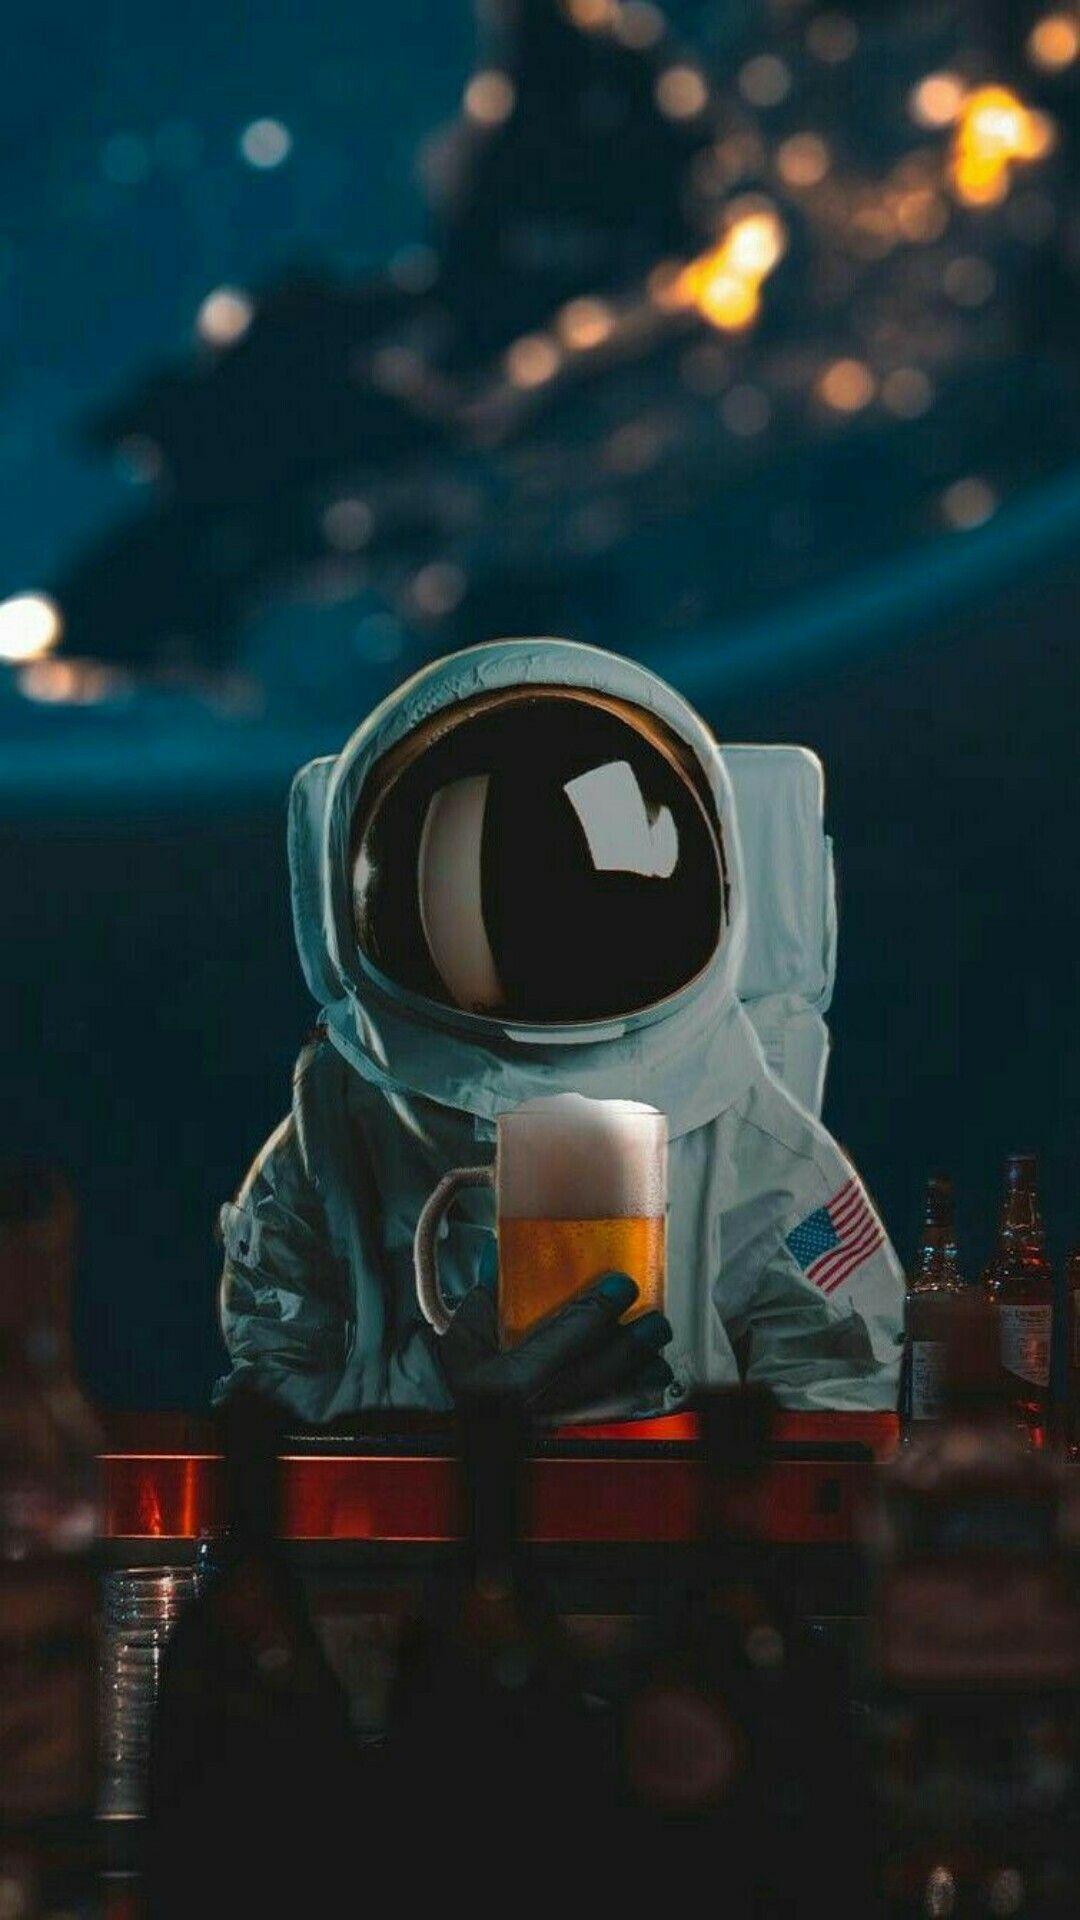 Fondos de Pantalla Astronautas en HD para Celular